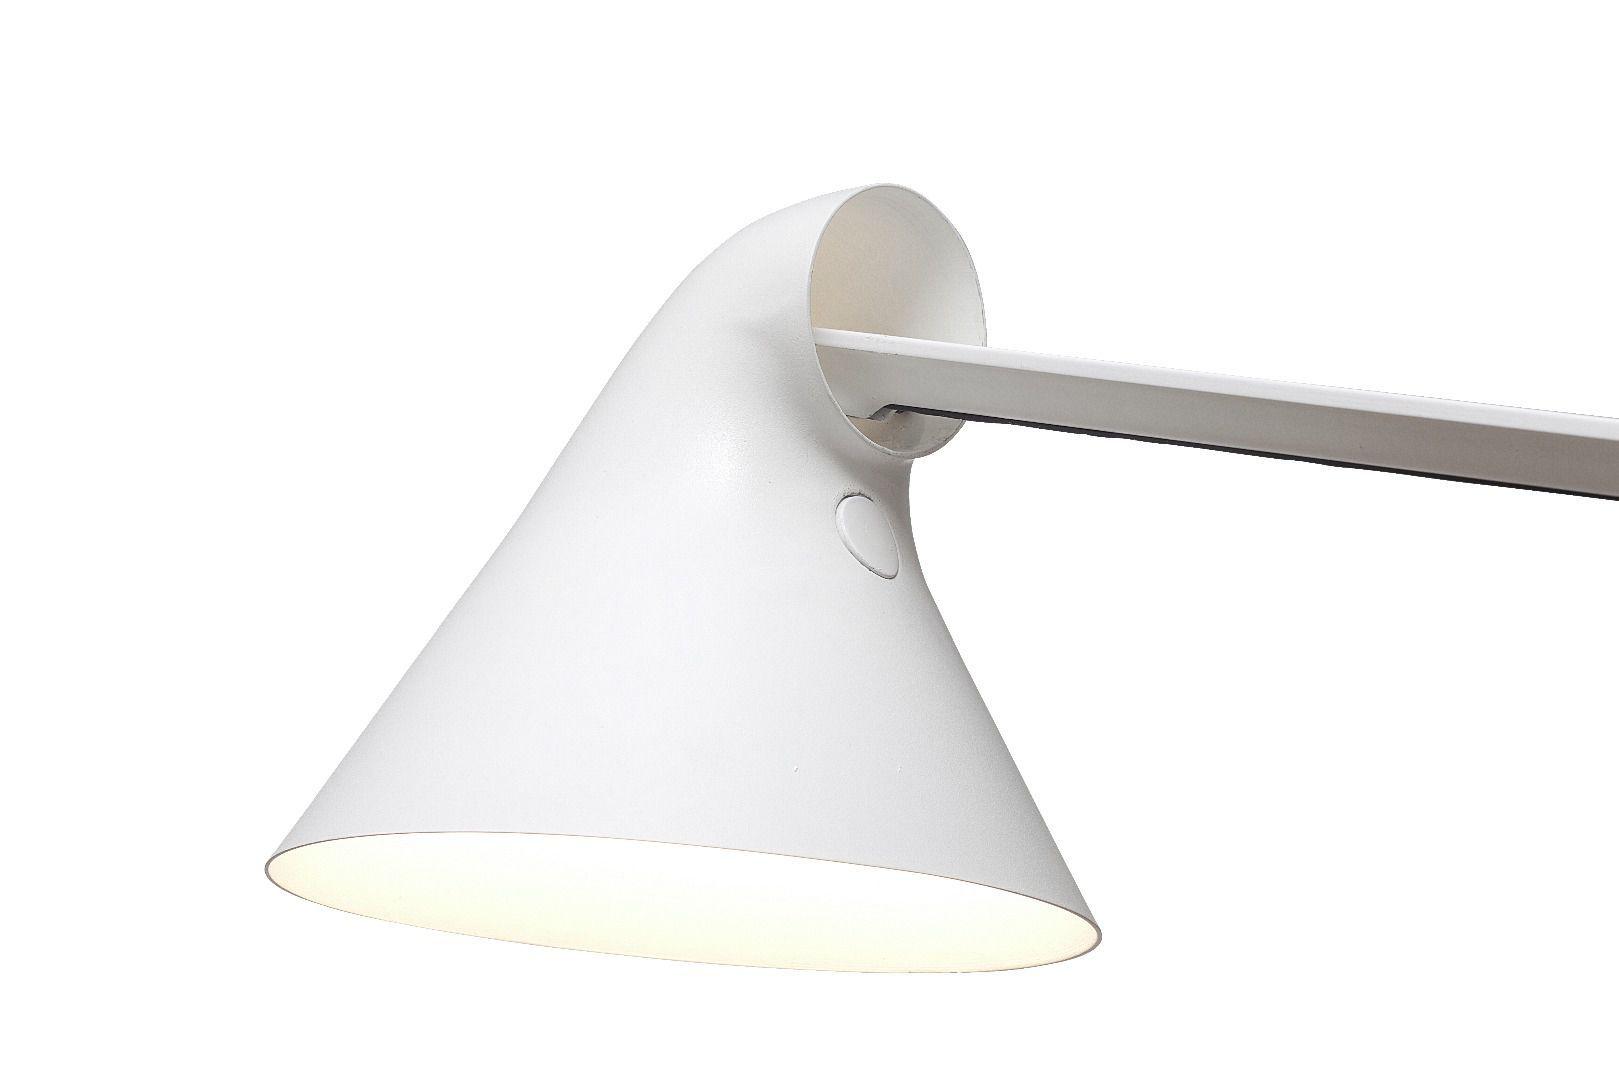 Applique moderna in alluminio led tonda njp by nendo